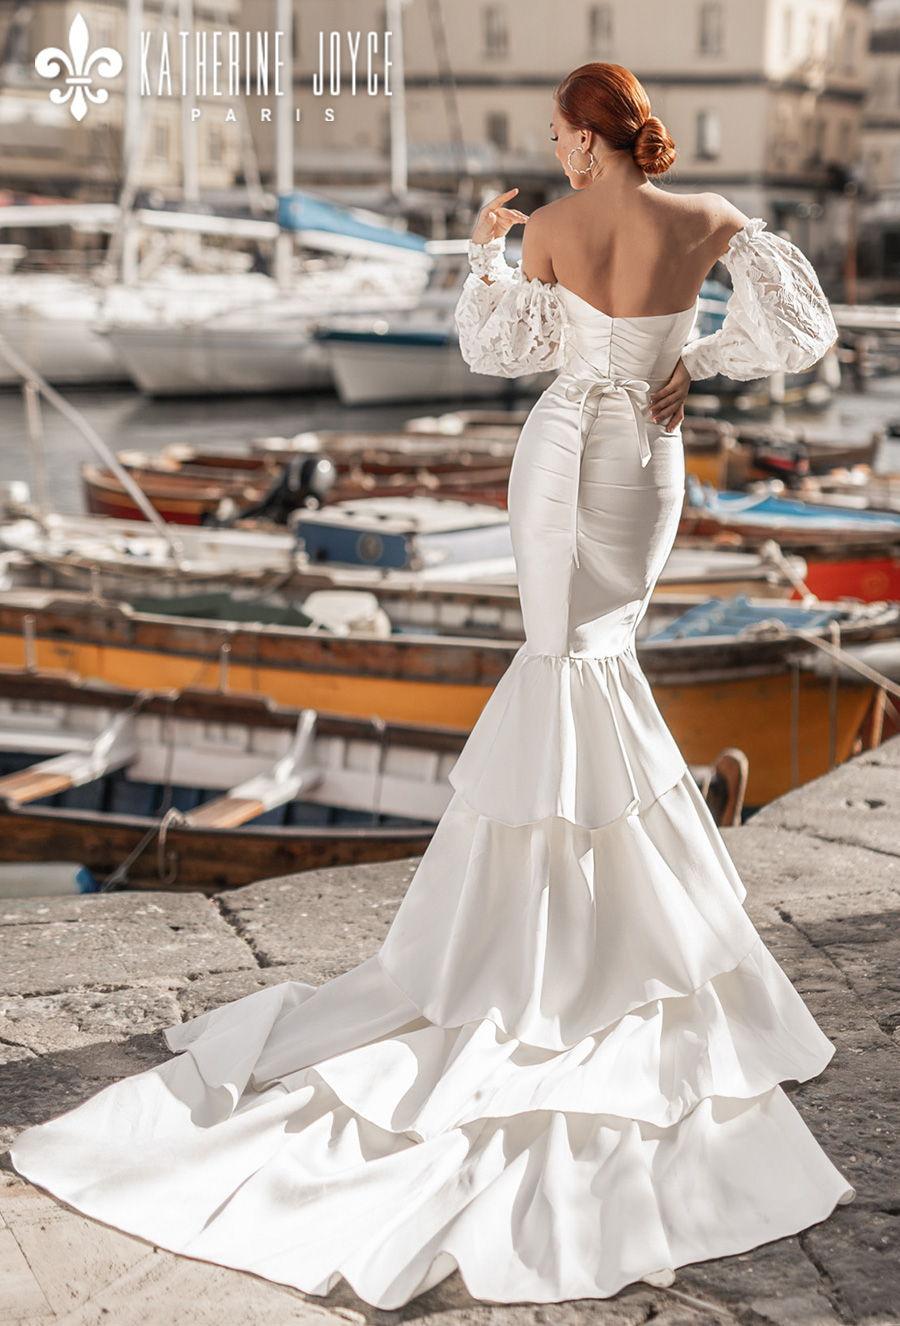 katherine joyce 2021 naples bridal off the shoulder long bishop sleeves sweetheart neckline simple minimalist elegant mermaid wedding dress mid back chapel train (cloudi) bv